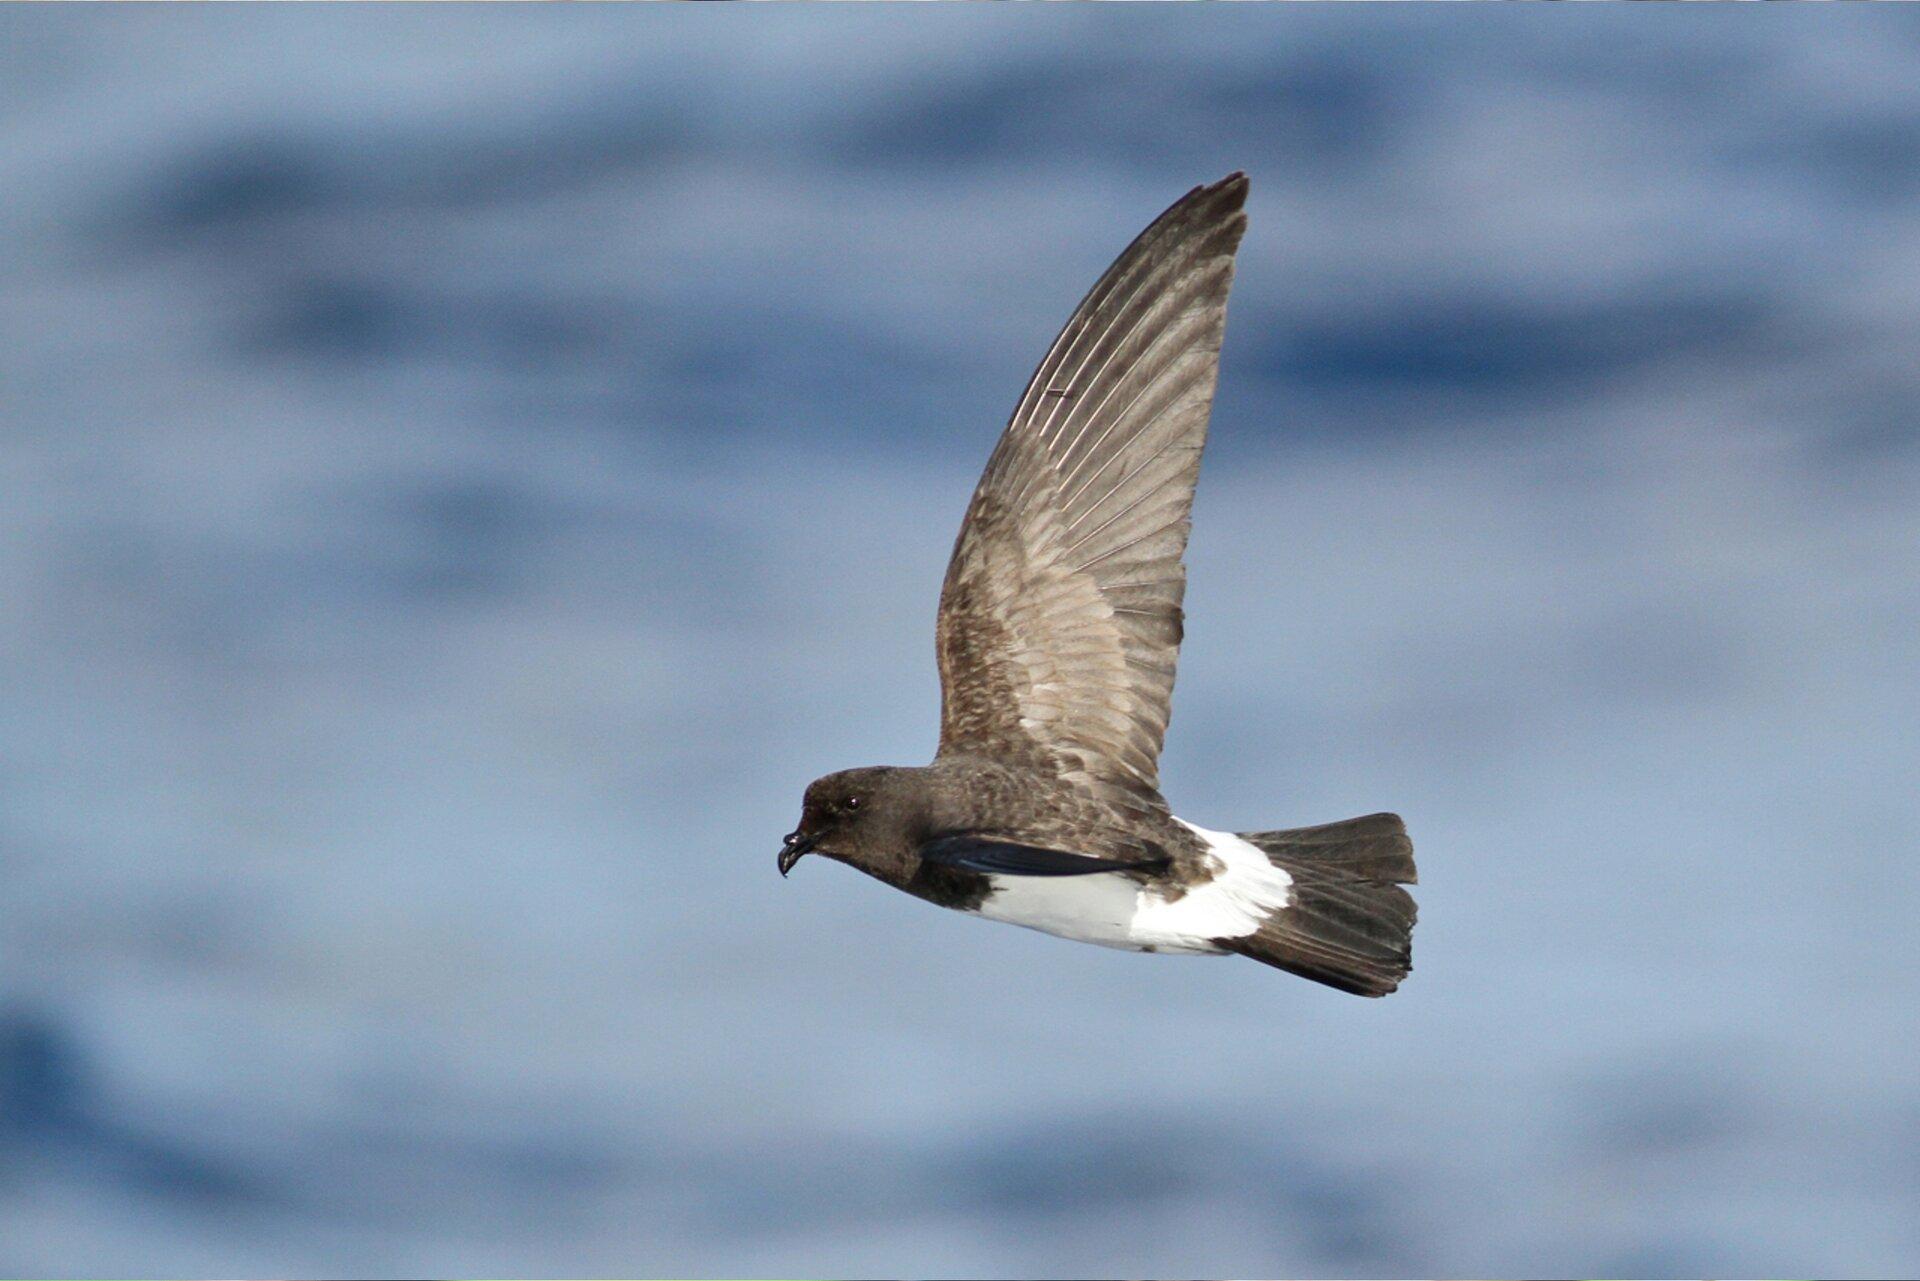 Ilustracja przedstawia  lecącego oceannika maoryskiego. Jego umaszczenie jest dwukolorowe. Ciemnie skrzydła, głowa iogon. Tułów biały.